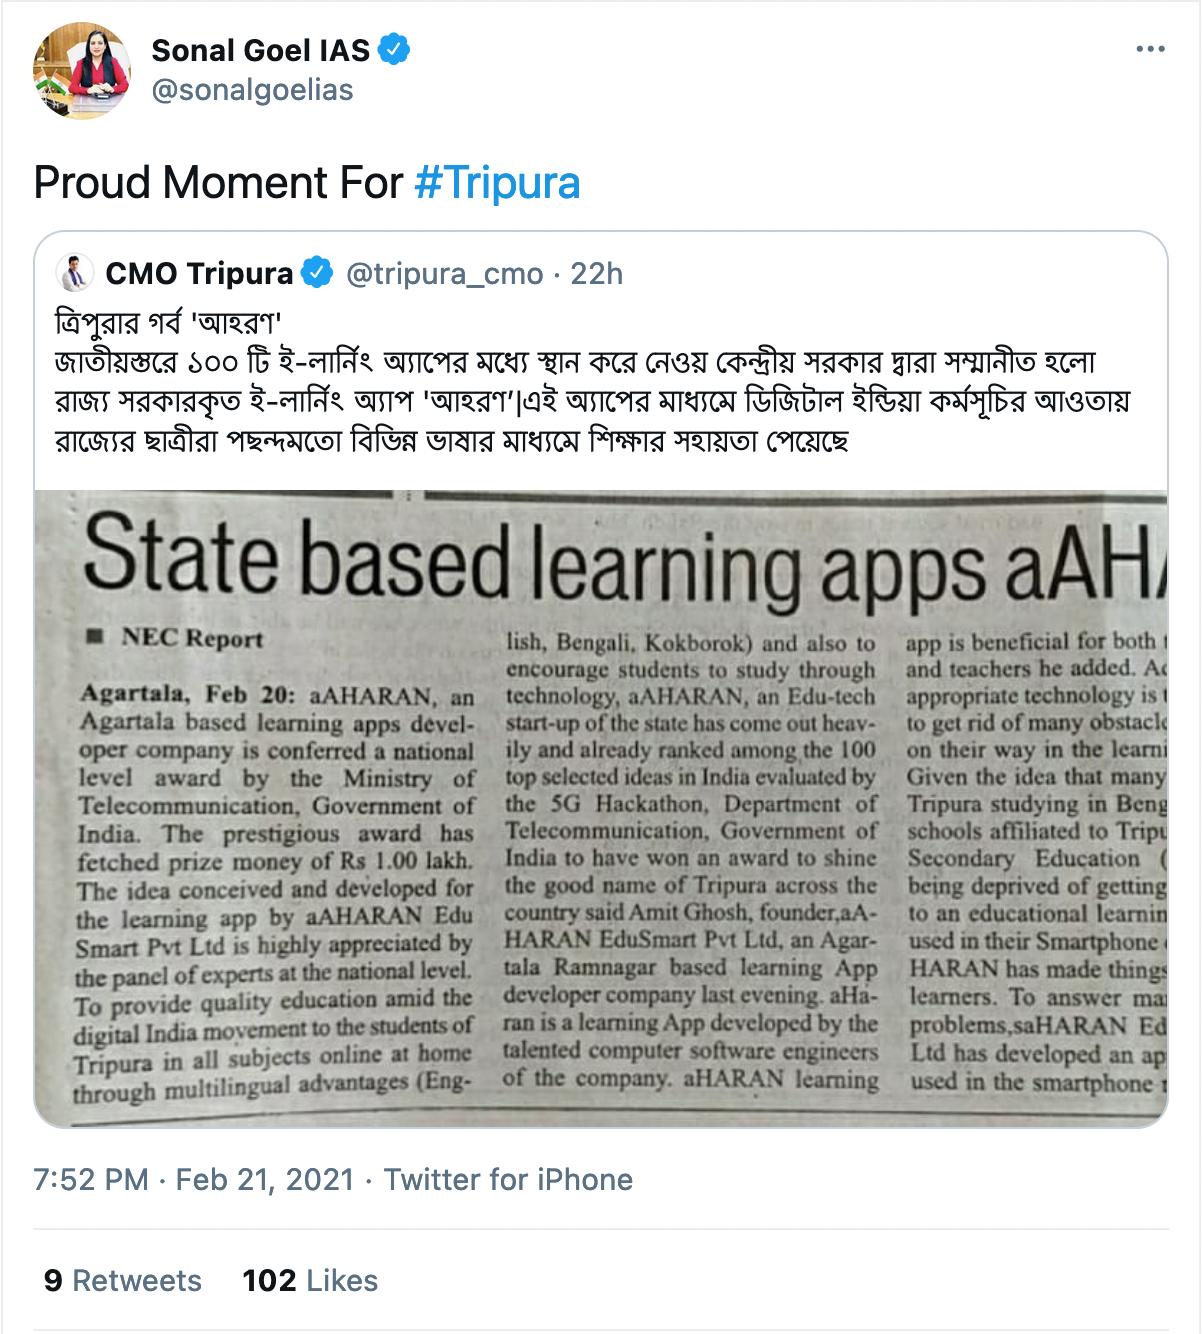 Sonel Goel Shared CMO Tripura's Tweet on aAHARAN